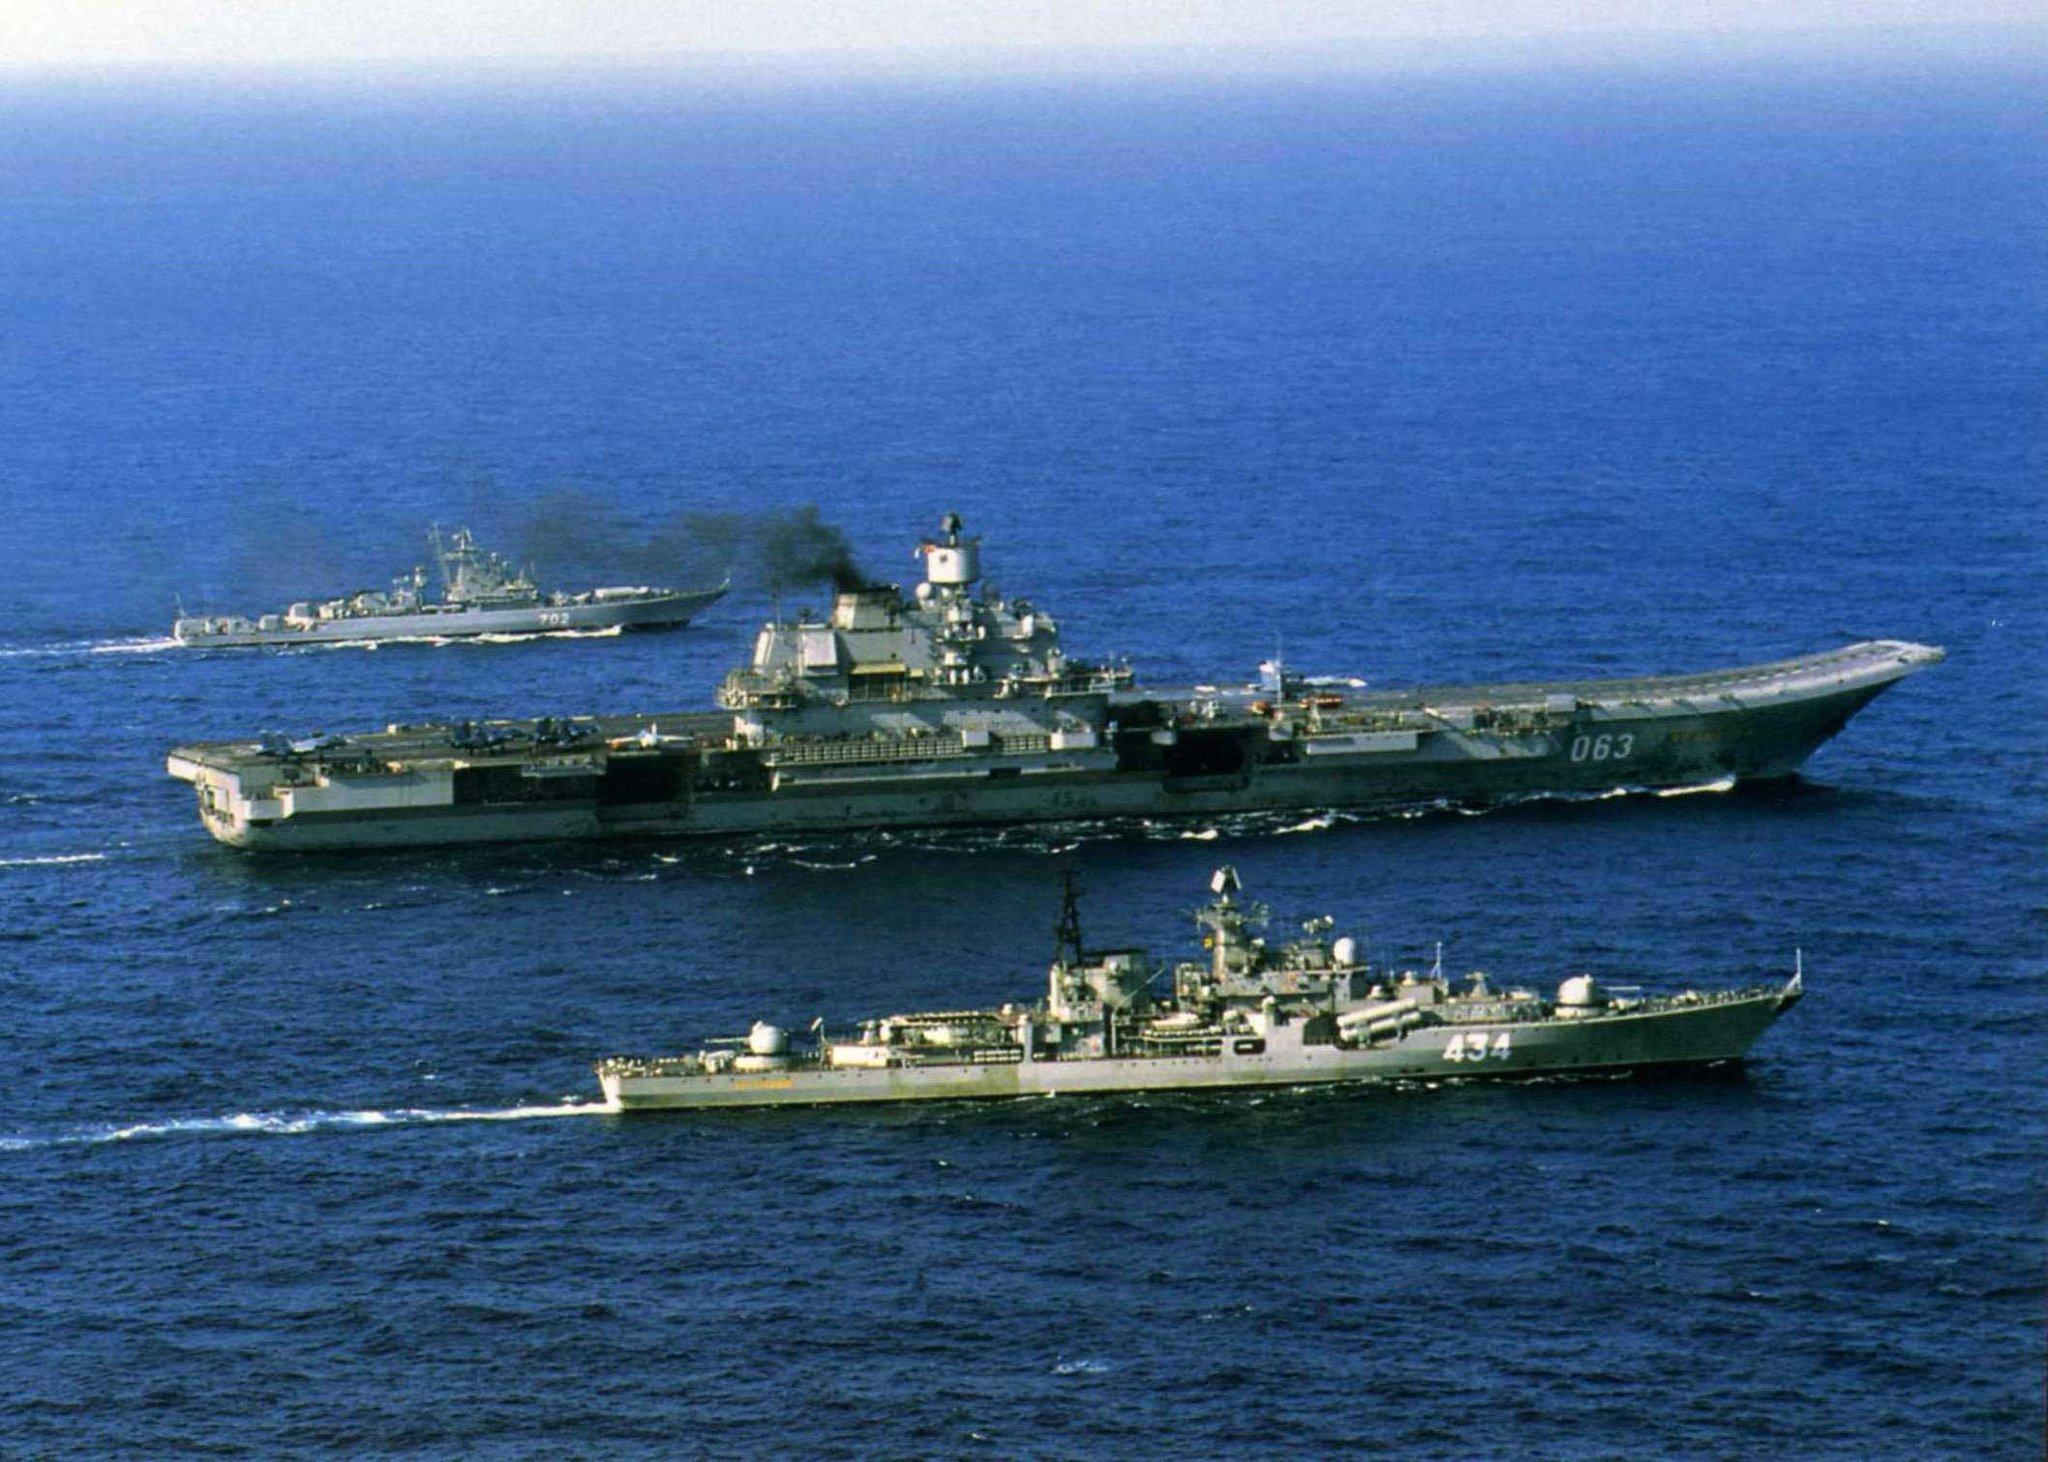 Корабли петр великий и адмирал кузнецов фото